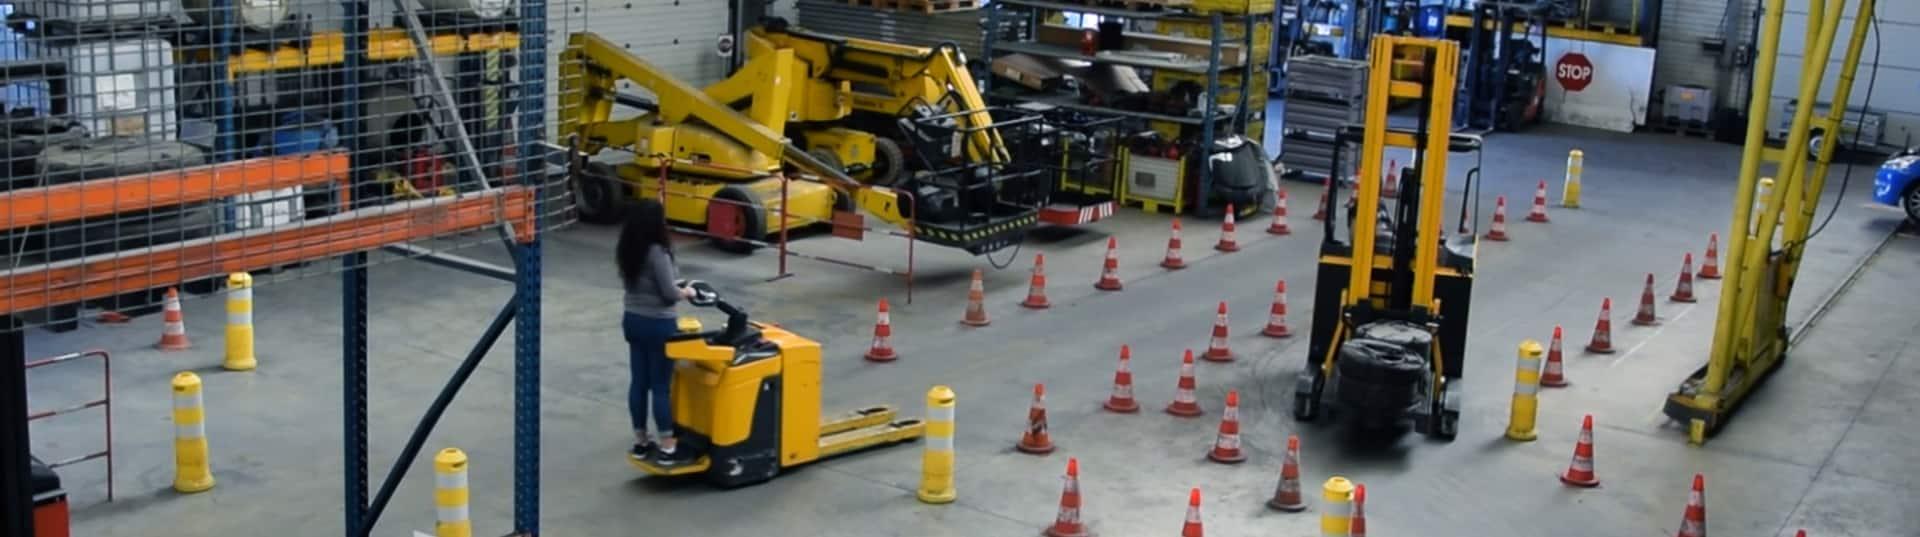 Formation Cariste CACES R489 Chariots Automoteurs proche de Mulhouse